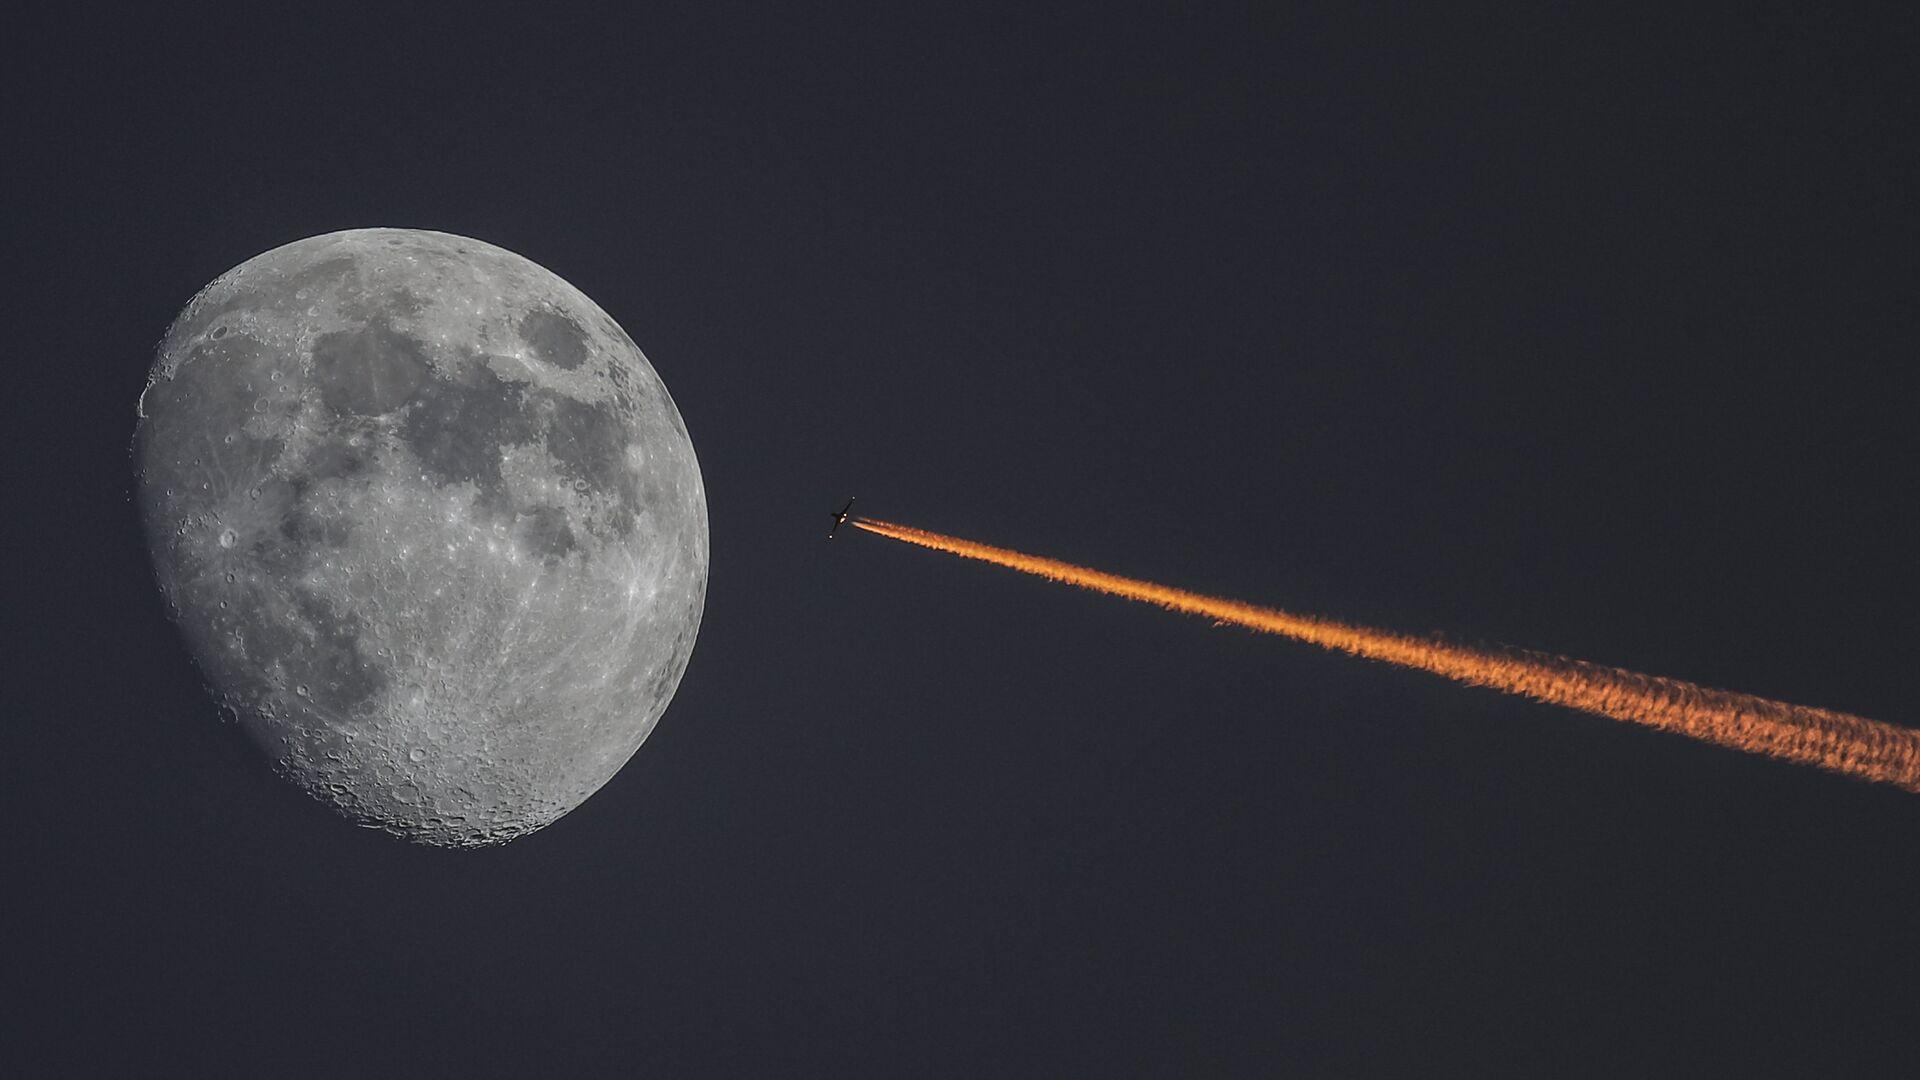 Луна и самолет на закате - РИА Новости, 1920, 25.11.2020